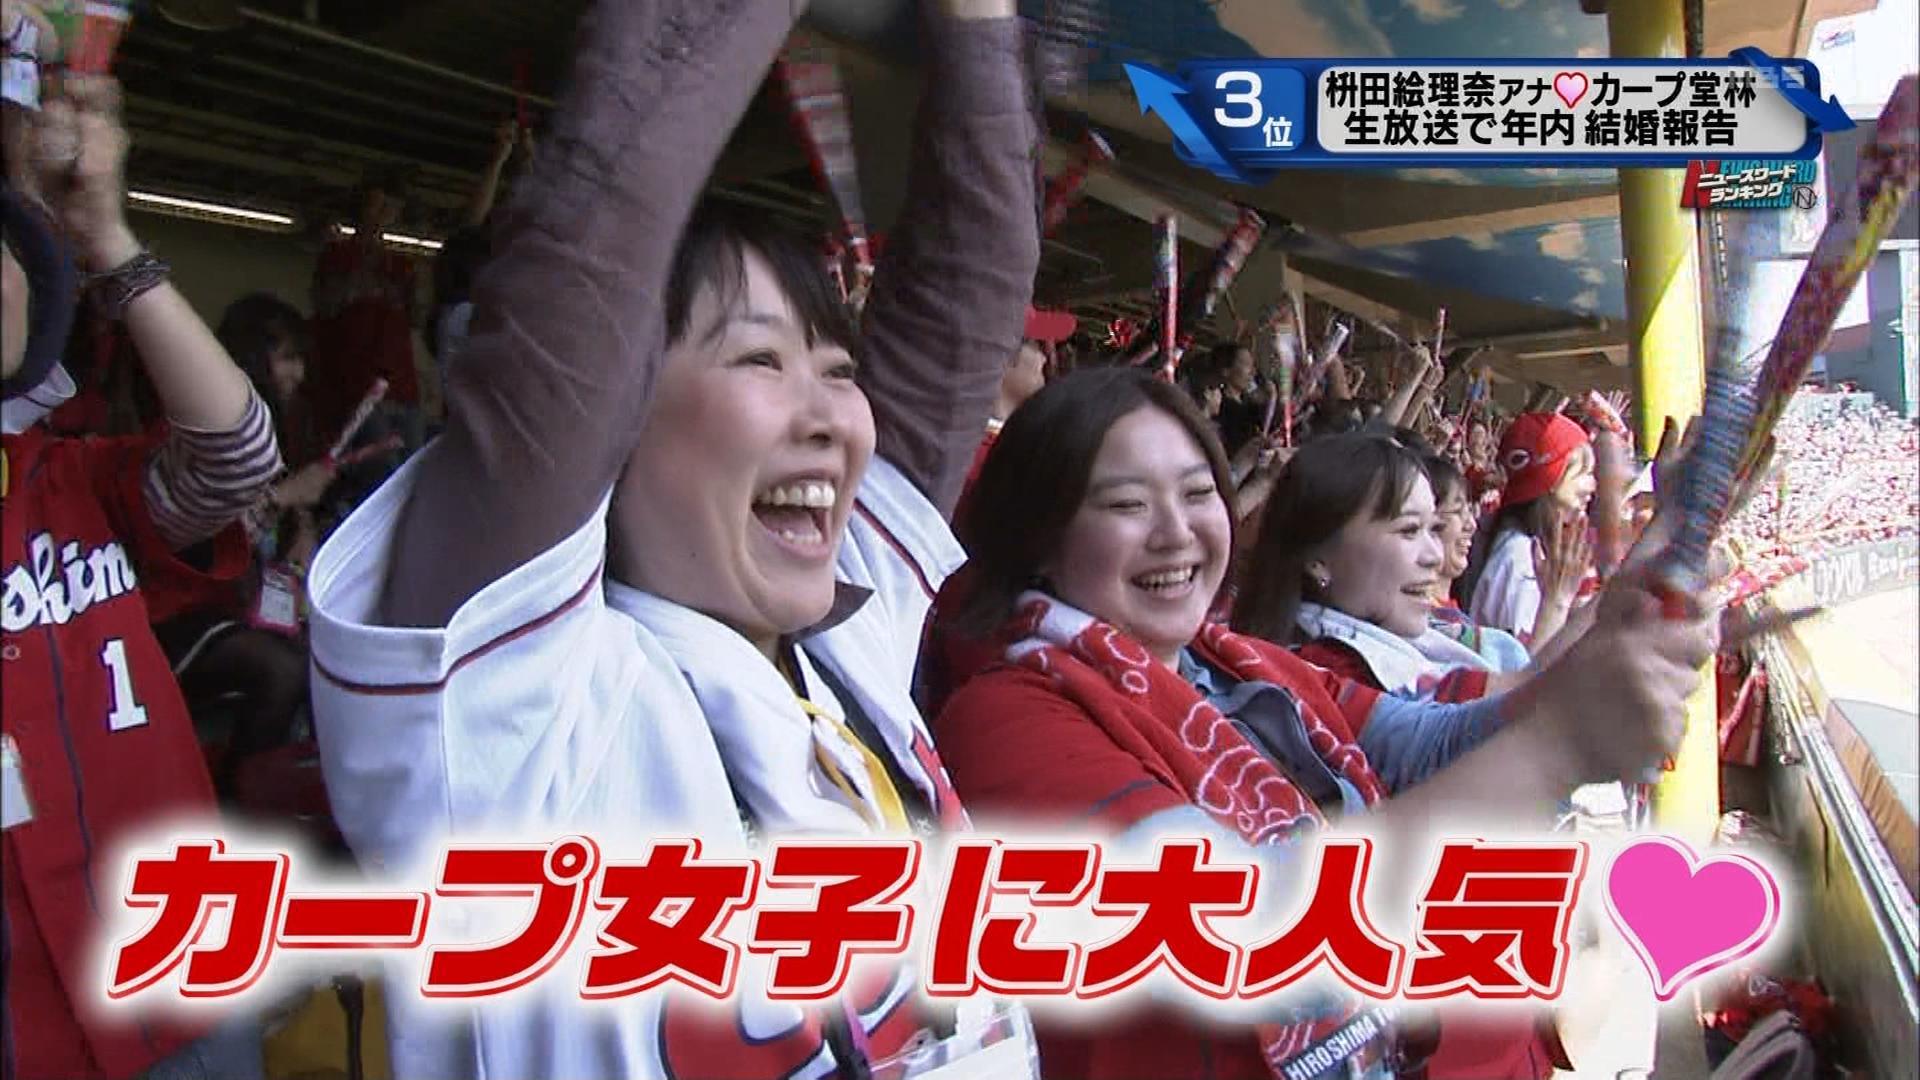 テレビに映ったかわいい素人! Part.17 [無断転載禁止]©bbspink.comYouTube動画>4本 ->画像>1247枚